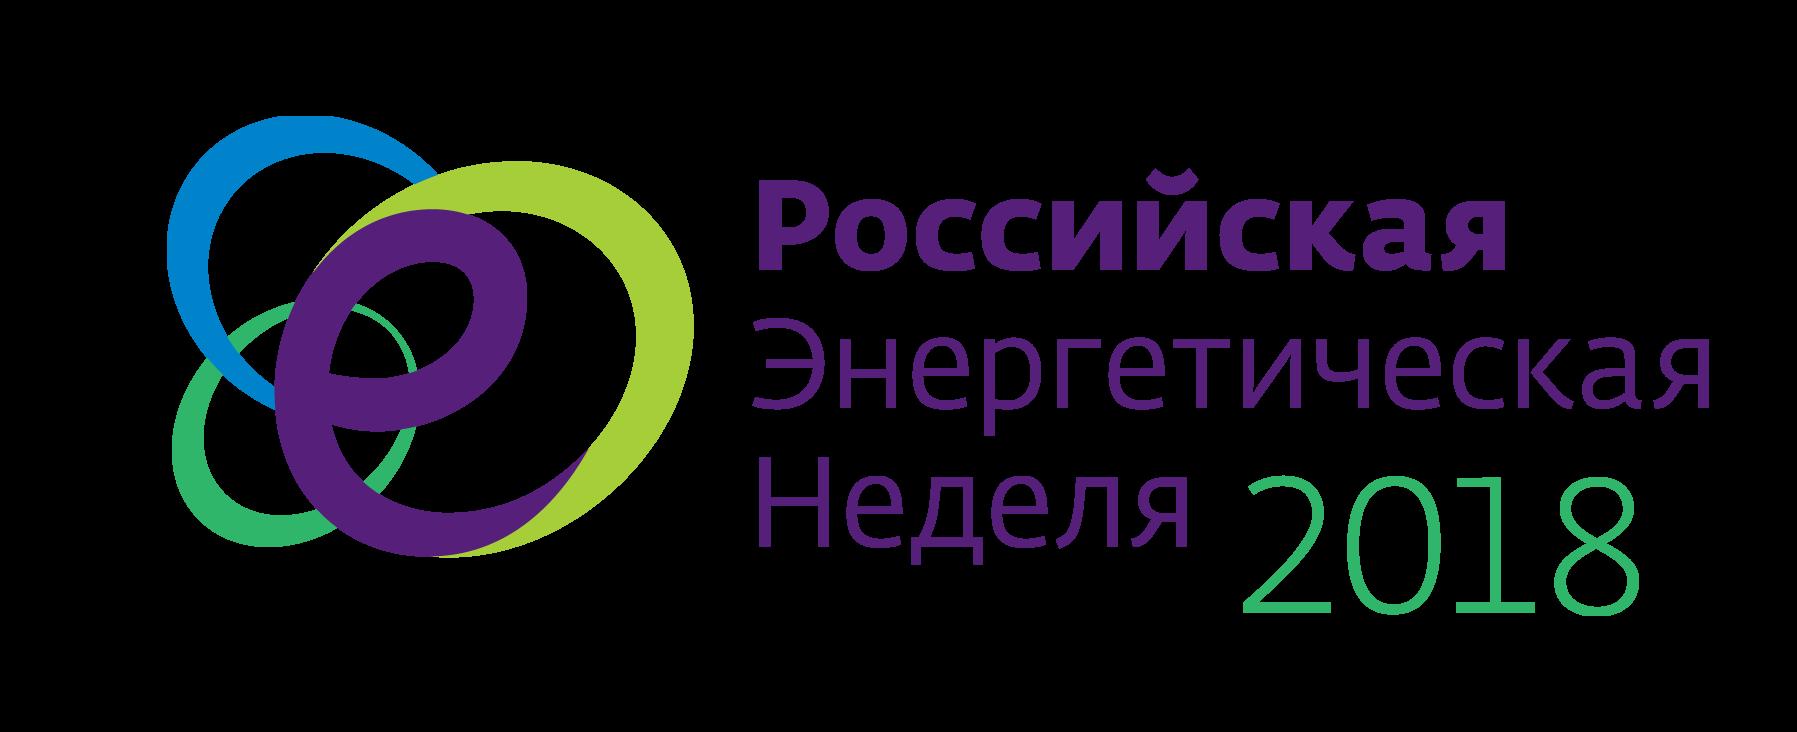 https://yeabrics.org/wp-content/uploads/2018/03/REW_logo_OK_RU_horiz_2018-1-2.png